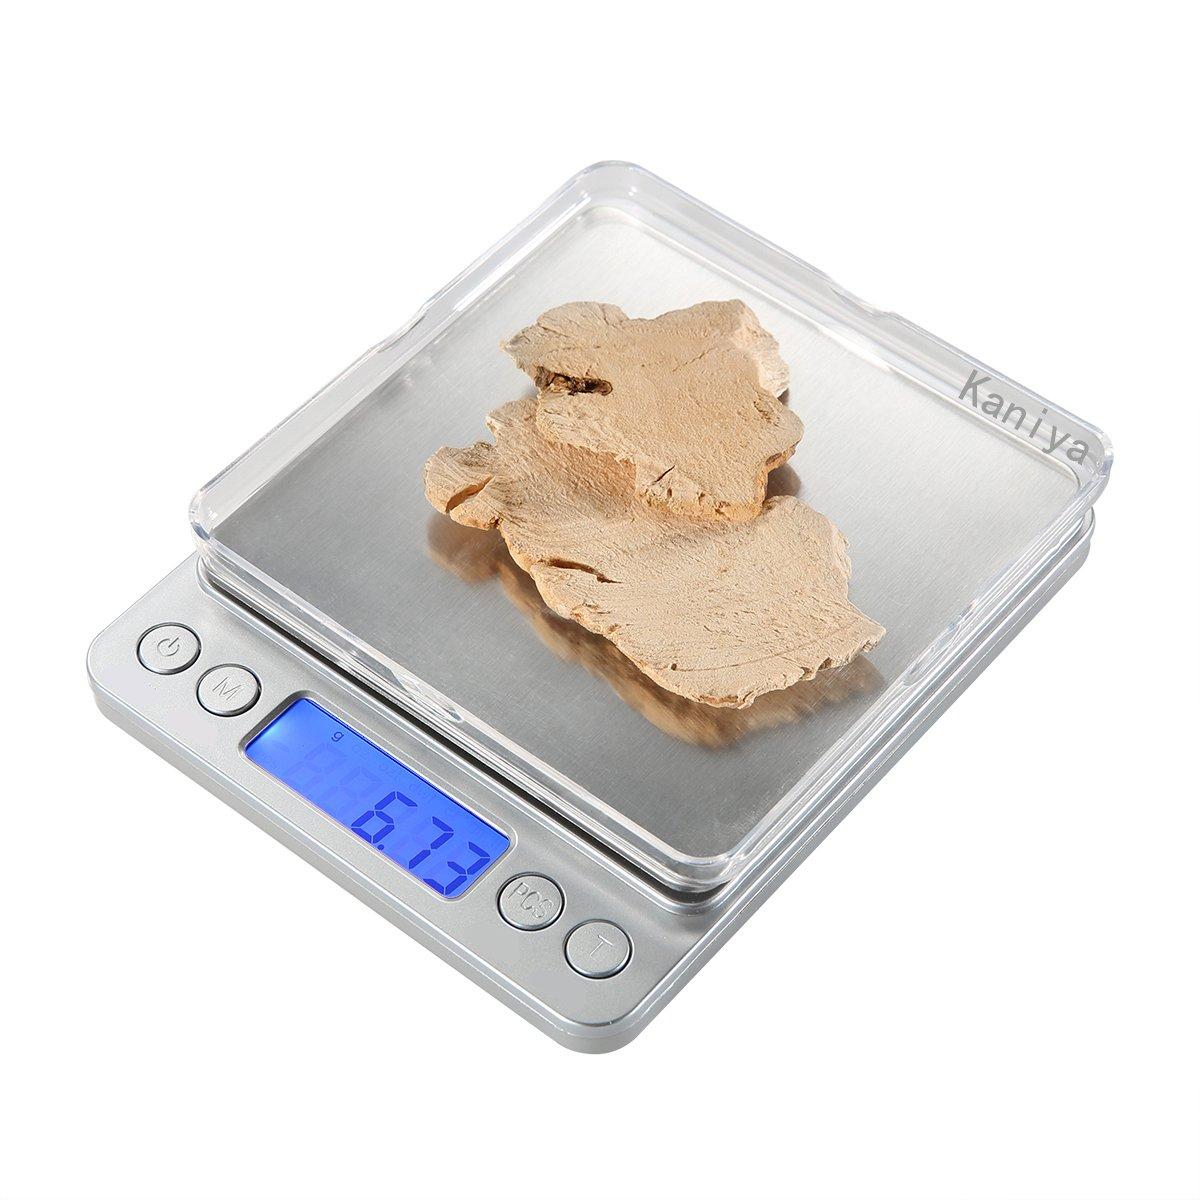 mastore 500 G Pro bolsillo cocina y laboratorio de joyas escala, peso Digital de alta precisión con pantalla LCD retroiluminada 0.001oz/0.01gresolution ...